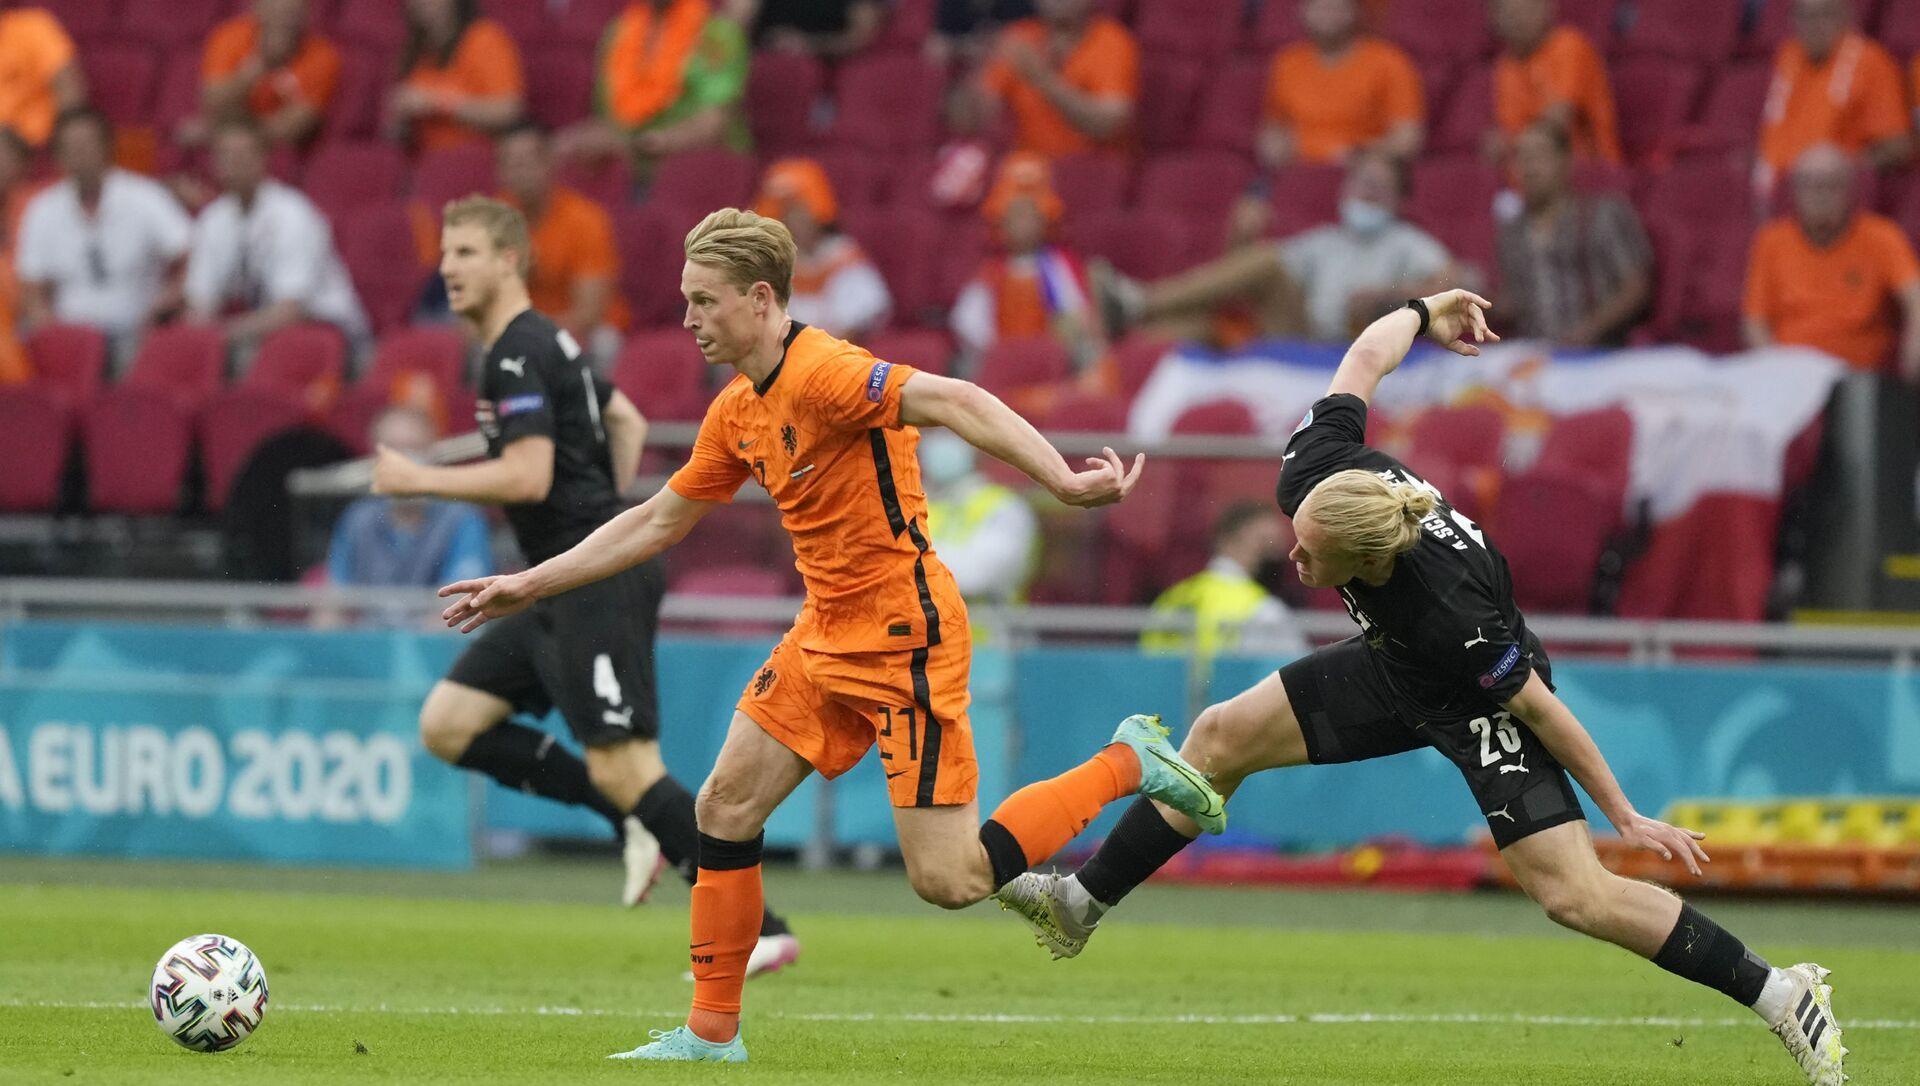 Trận đấu vòng bảng giữa đội tuyển Hà Lan và đội tuyển Áo tại EURO 2020 - Sputnik Việt Nam, 1920, 18.06.2021